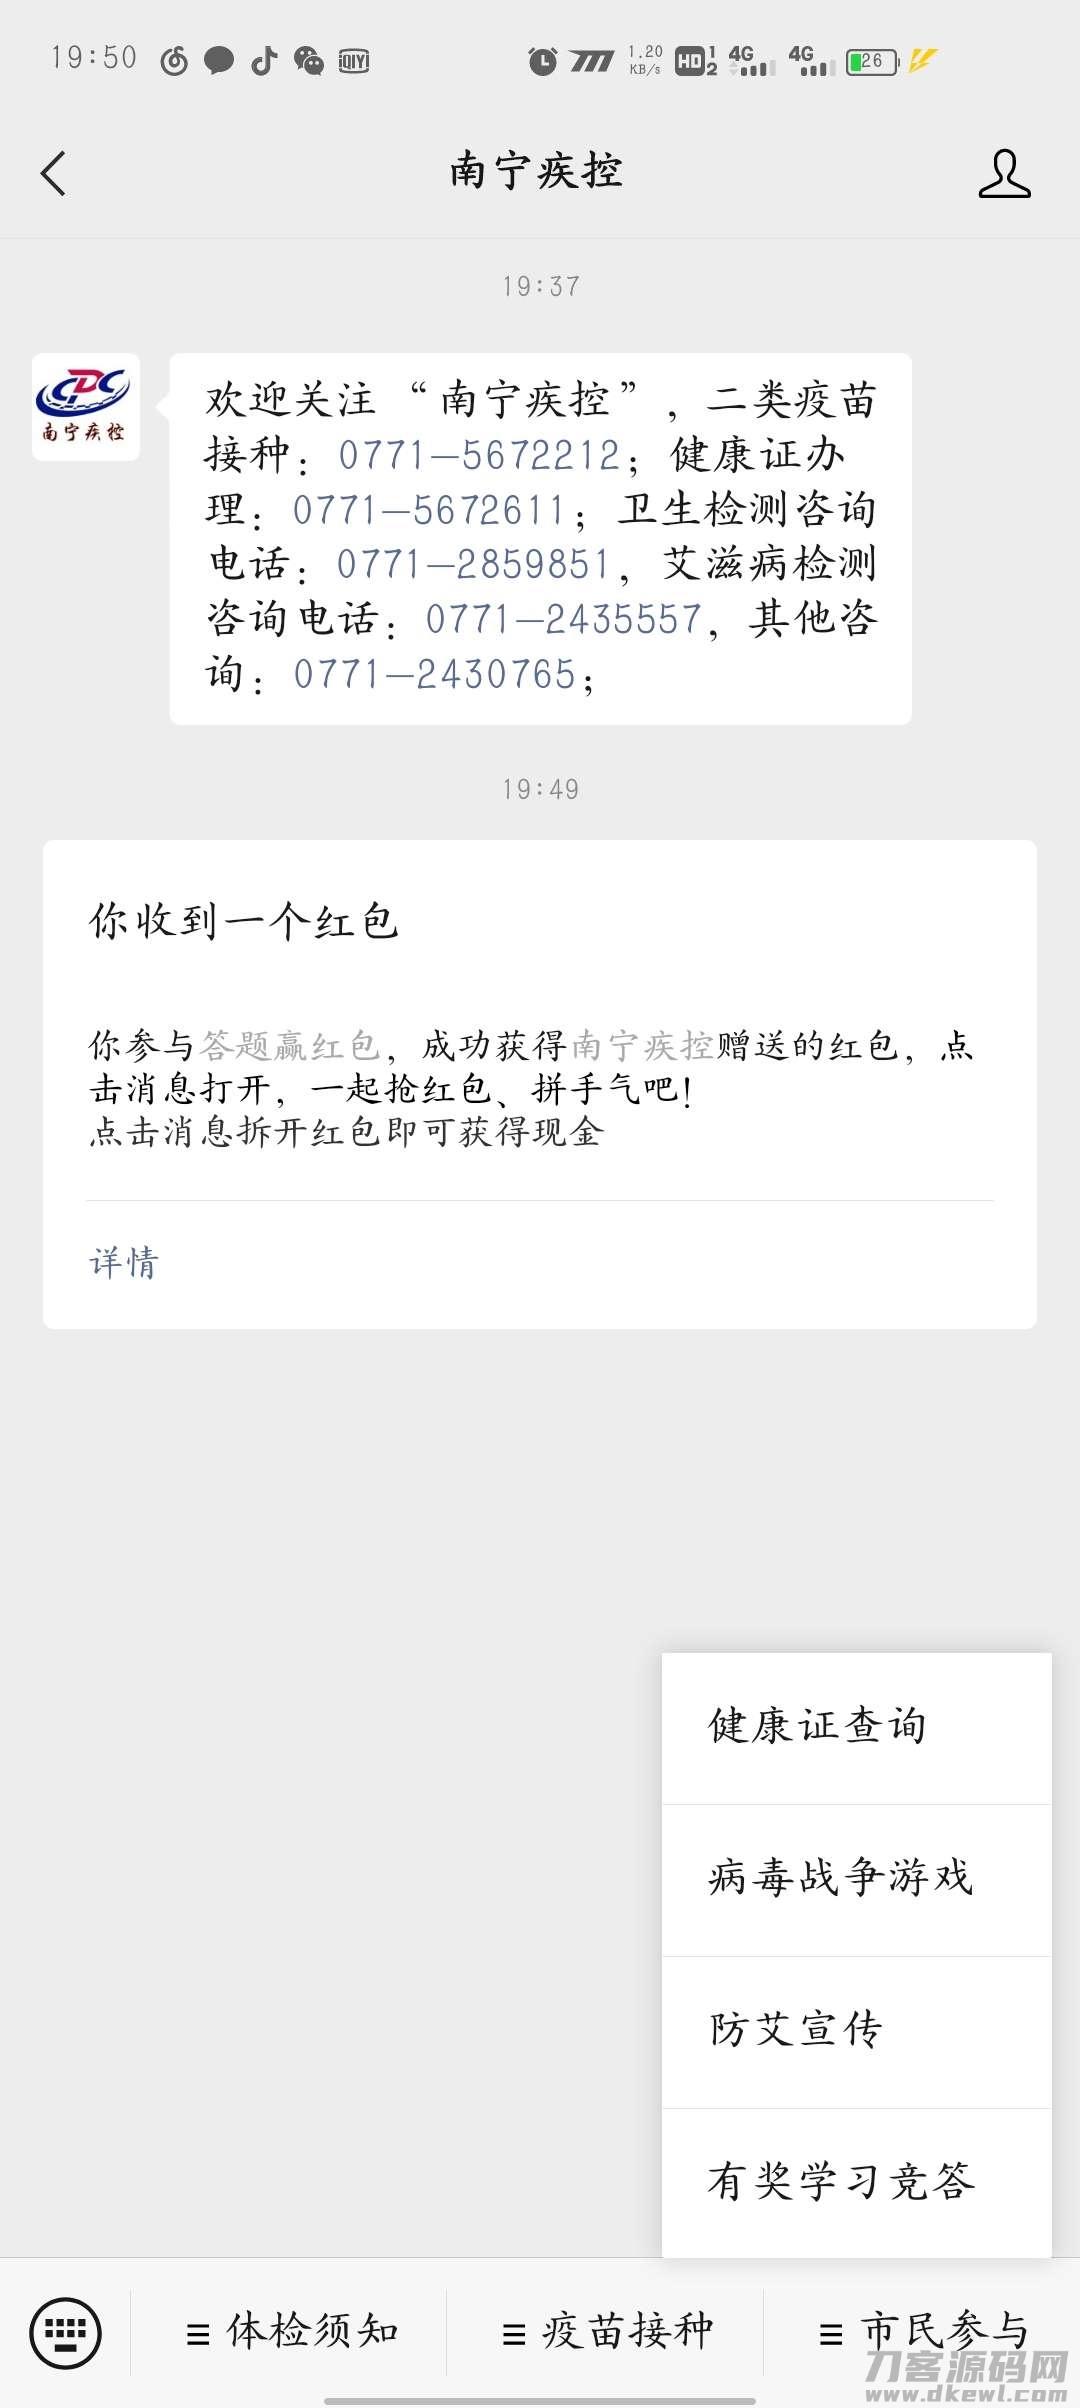 微信公众平台南宁市疾病预防插图